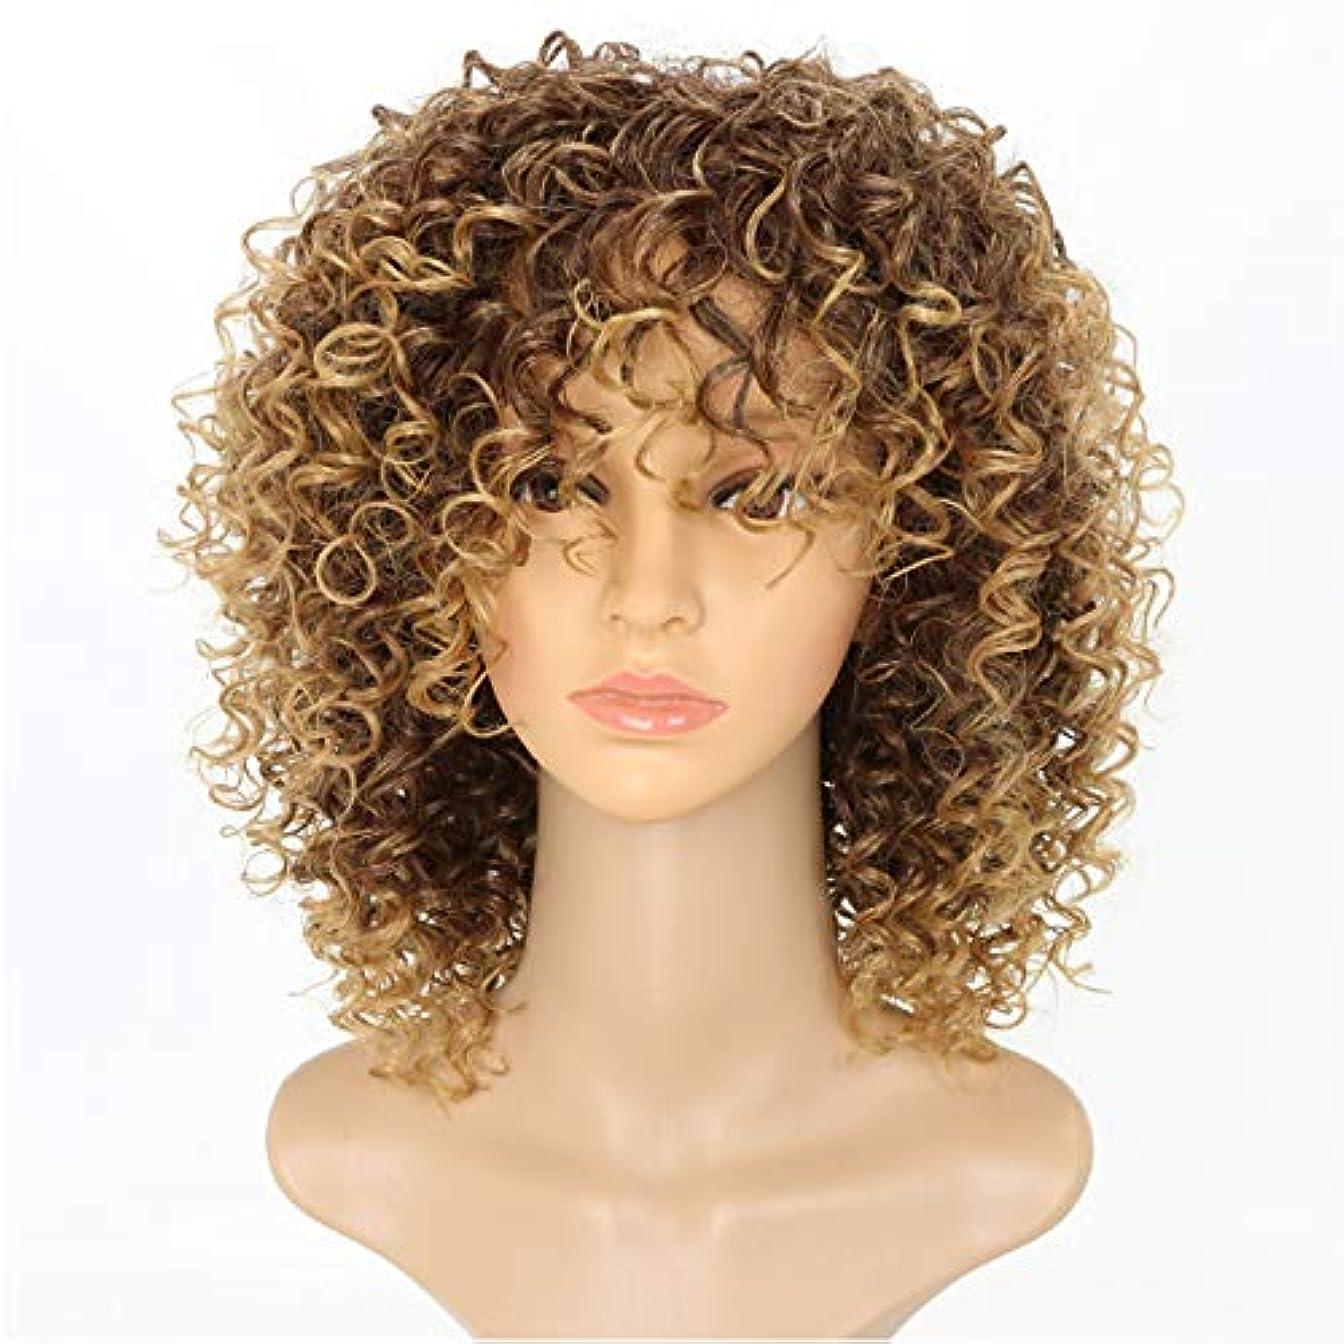 若者有効なピース黒人女性カーリーショートカーリー変態かつら茶色の女性ふわふわ波状のかつら自然な合成ファッションかつら